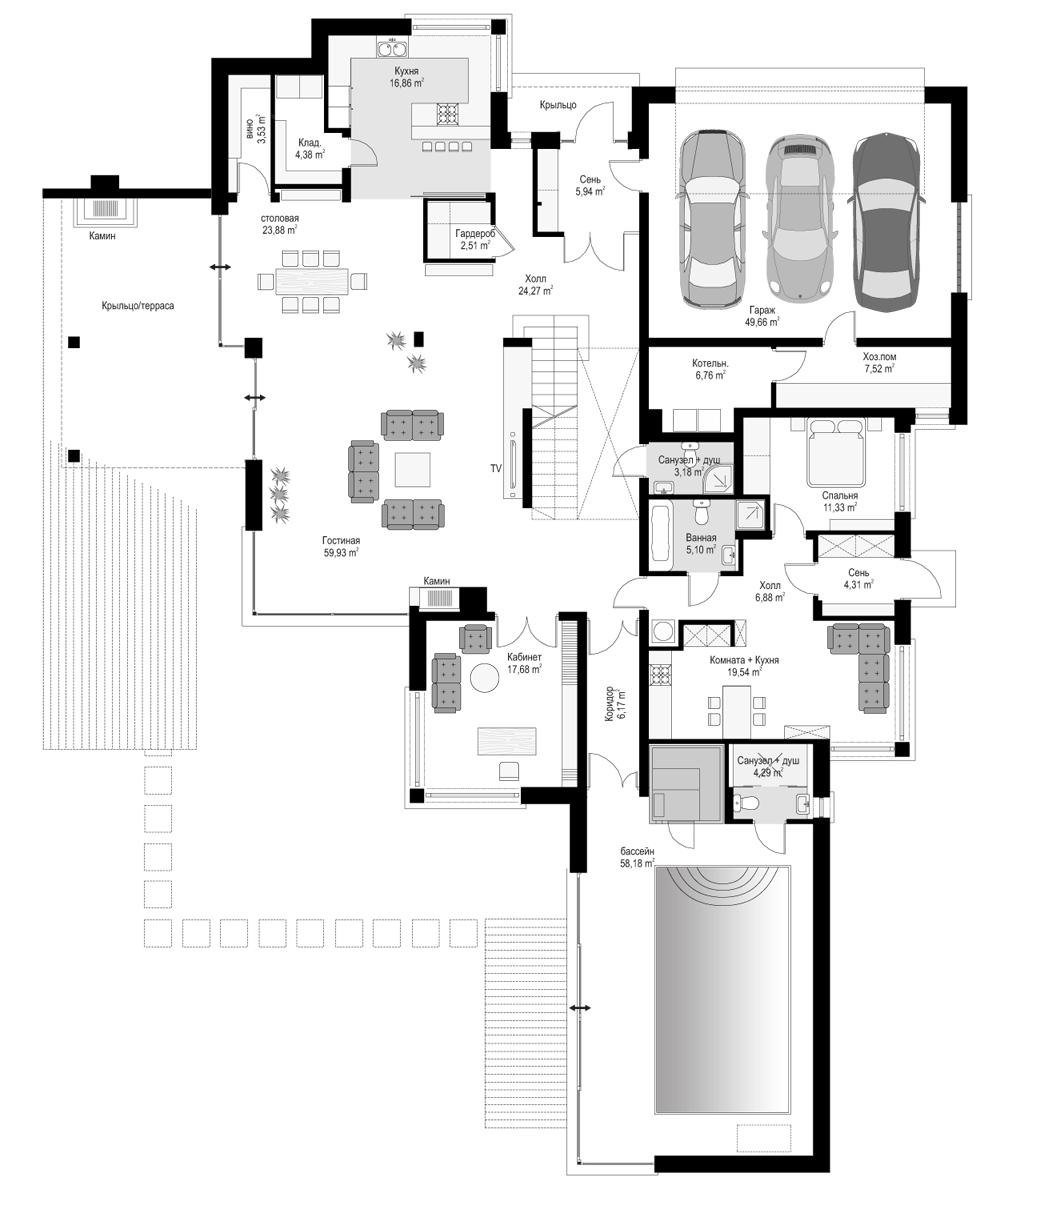 proyekt-doma-villa-s-bassyeynom-eskiz-pyervogo-etazha-14132040206.png